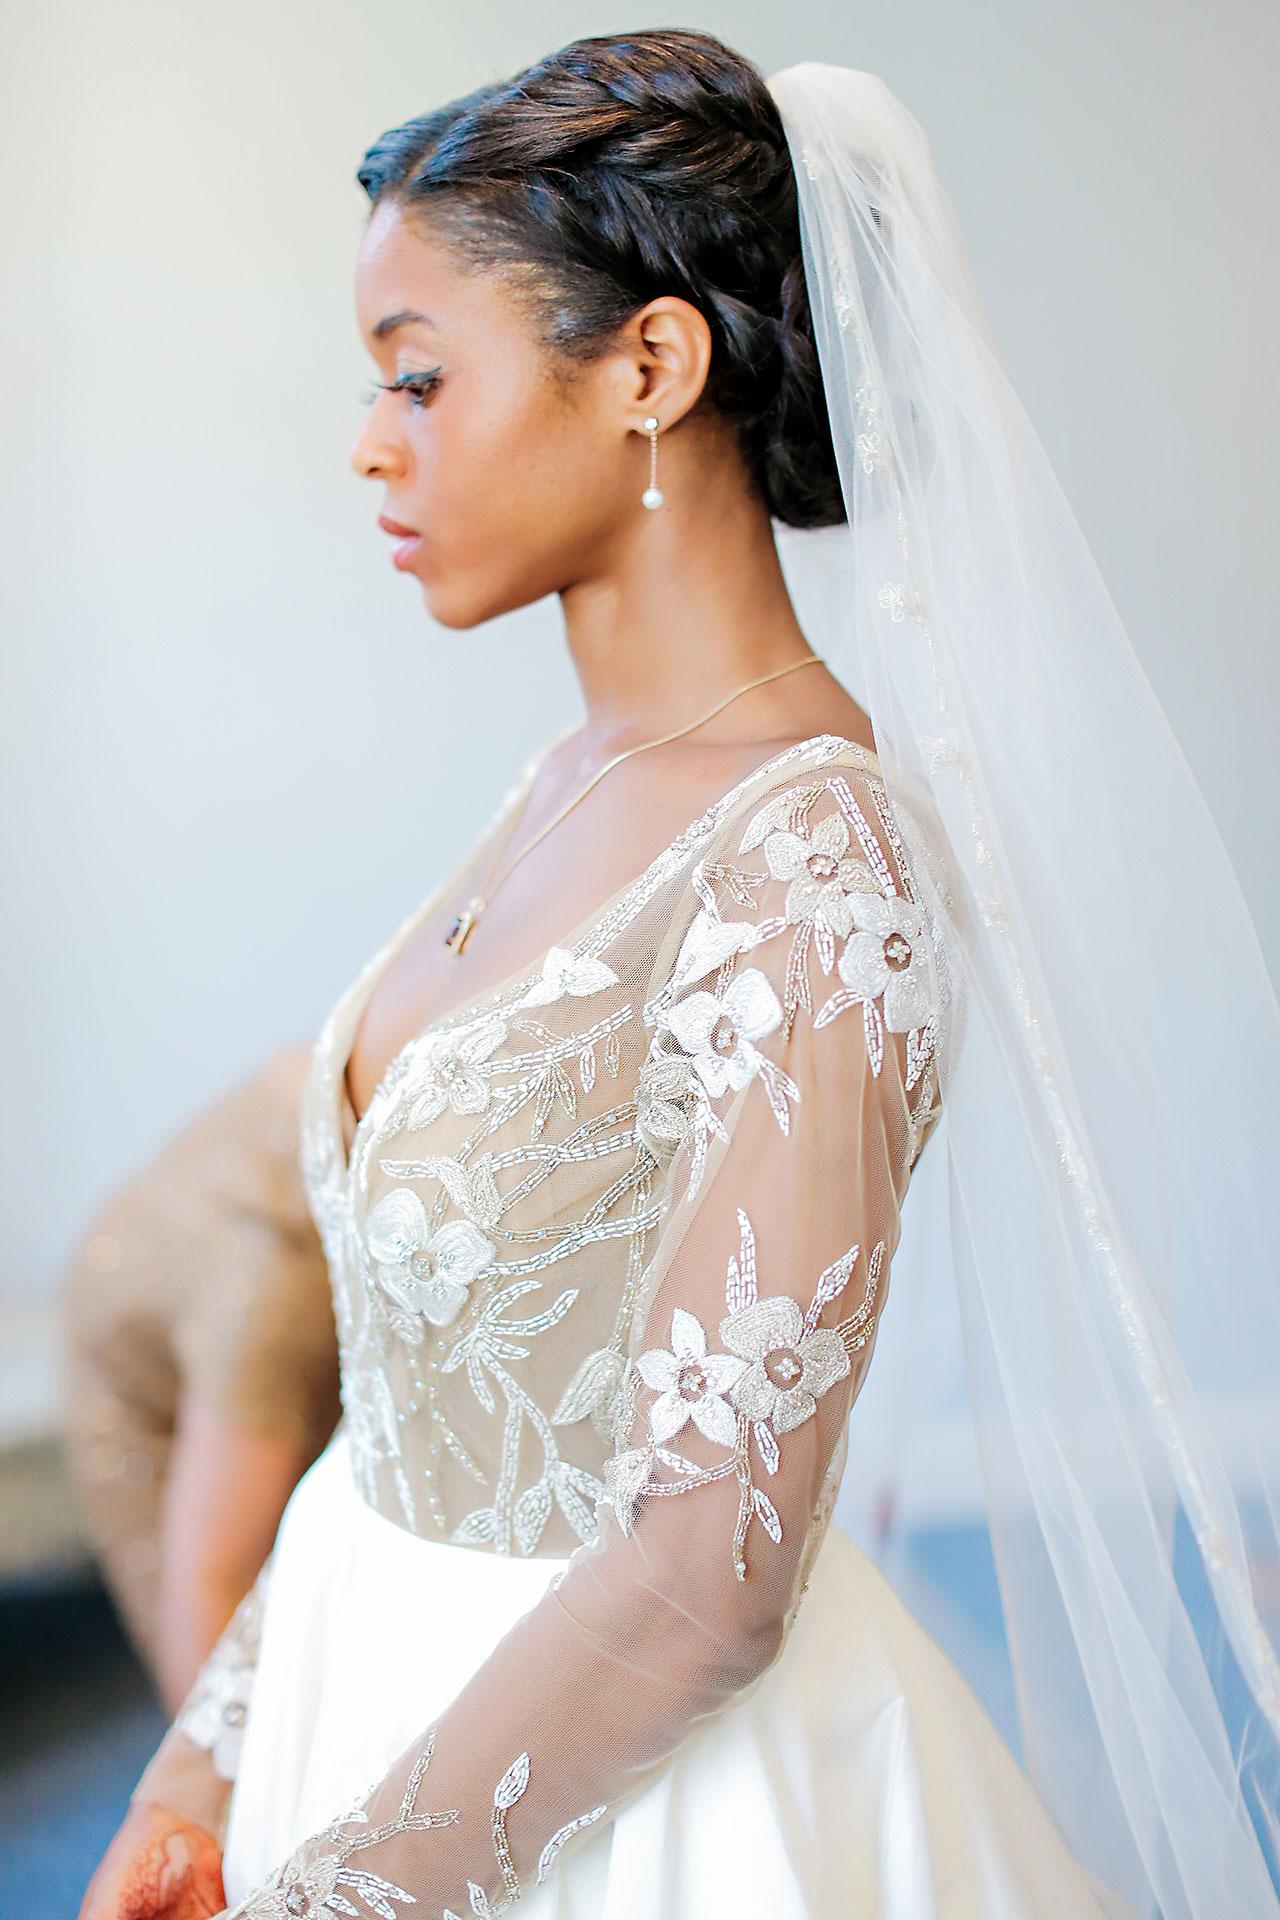 Joie Nikhil Indianapolis Christian Wedding 055